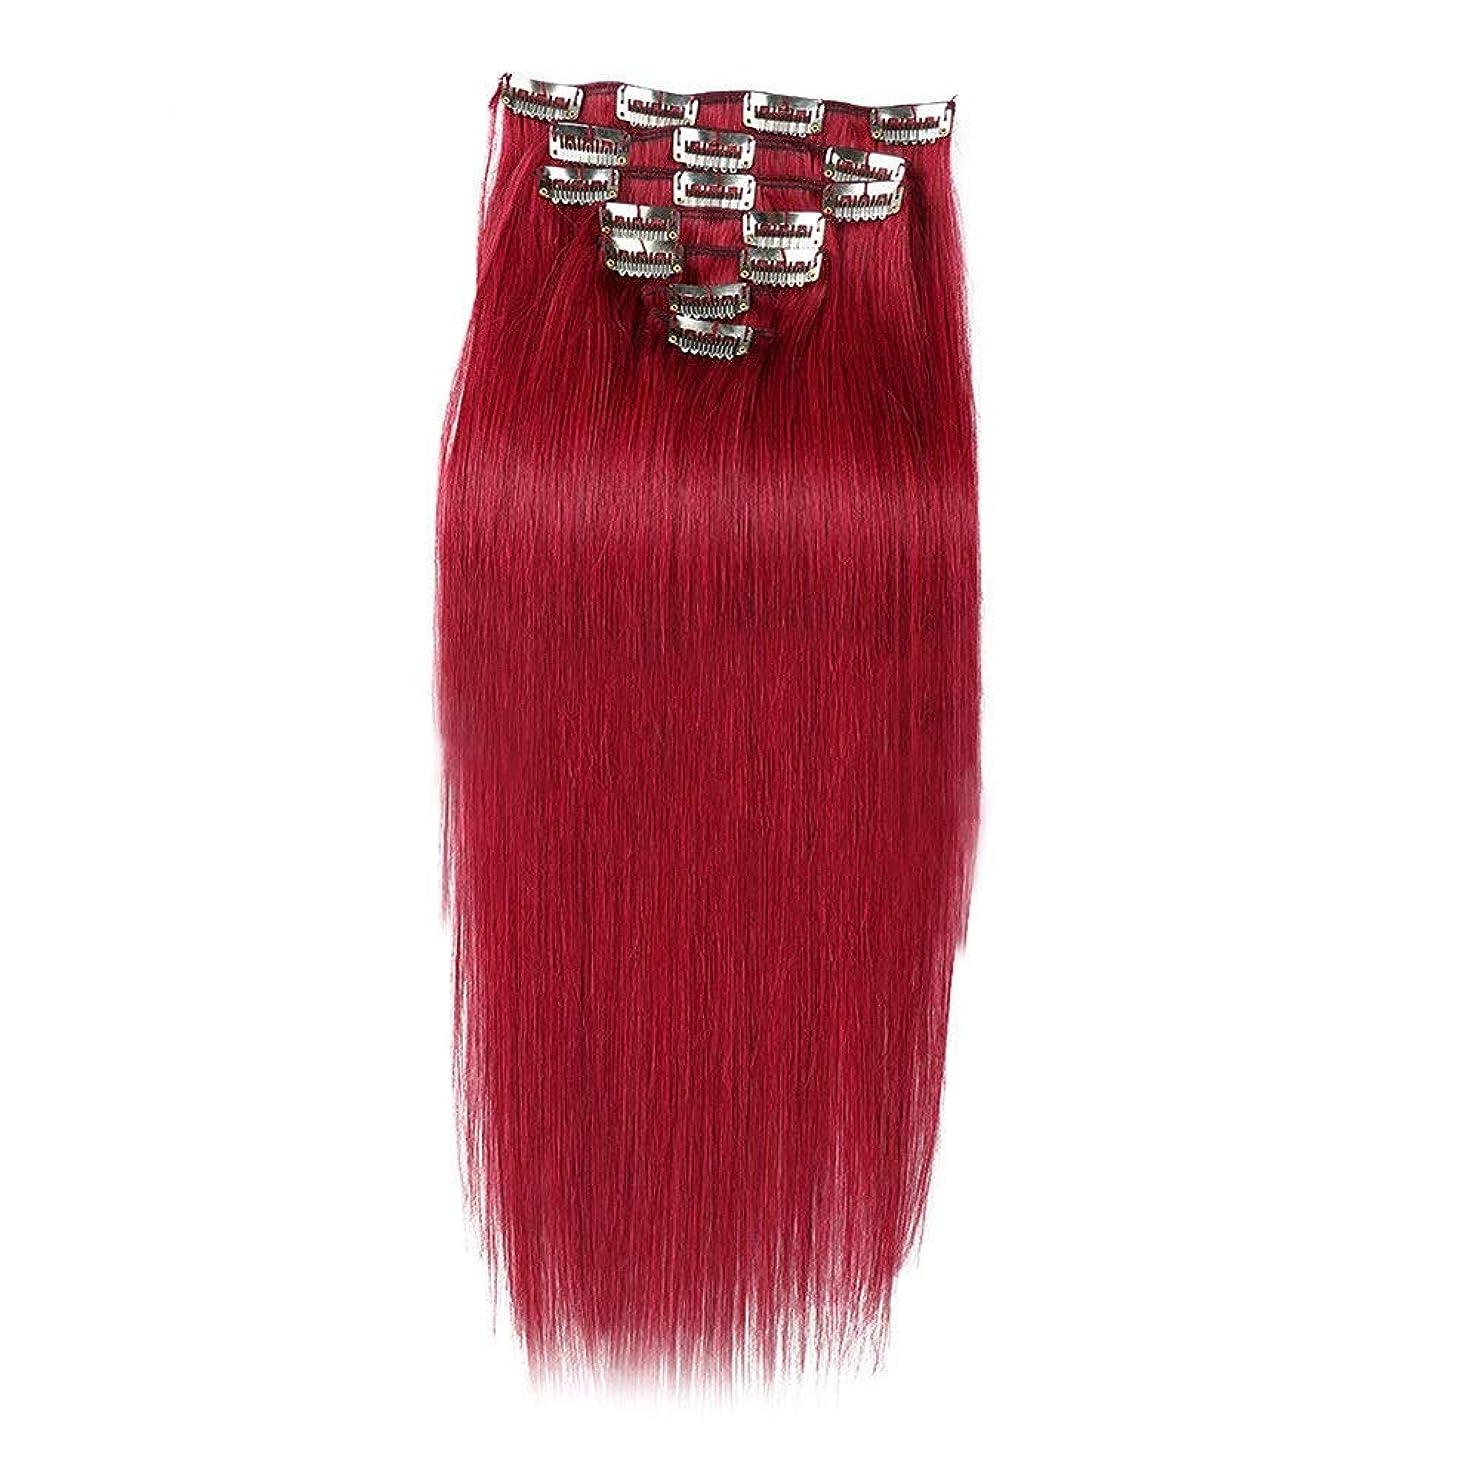 世界的にドライロッドHOHYLLYA ヘアエクステンション人毛16インチ7個70gダブル横糸ソフトストレートヘア用女性かつら赤いかつら (色 : #BURG)